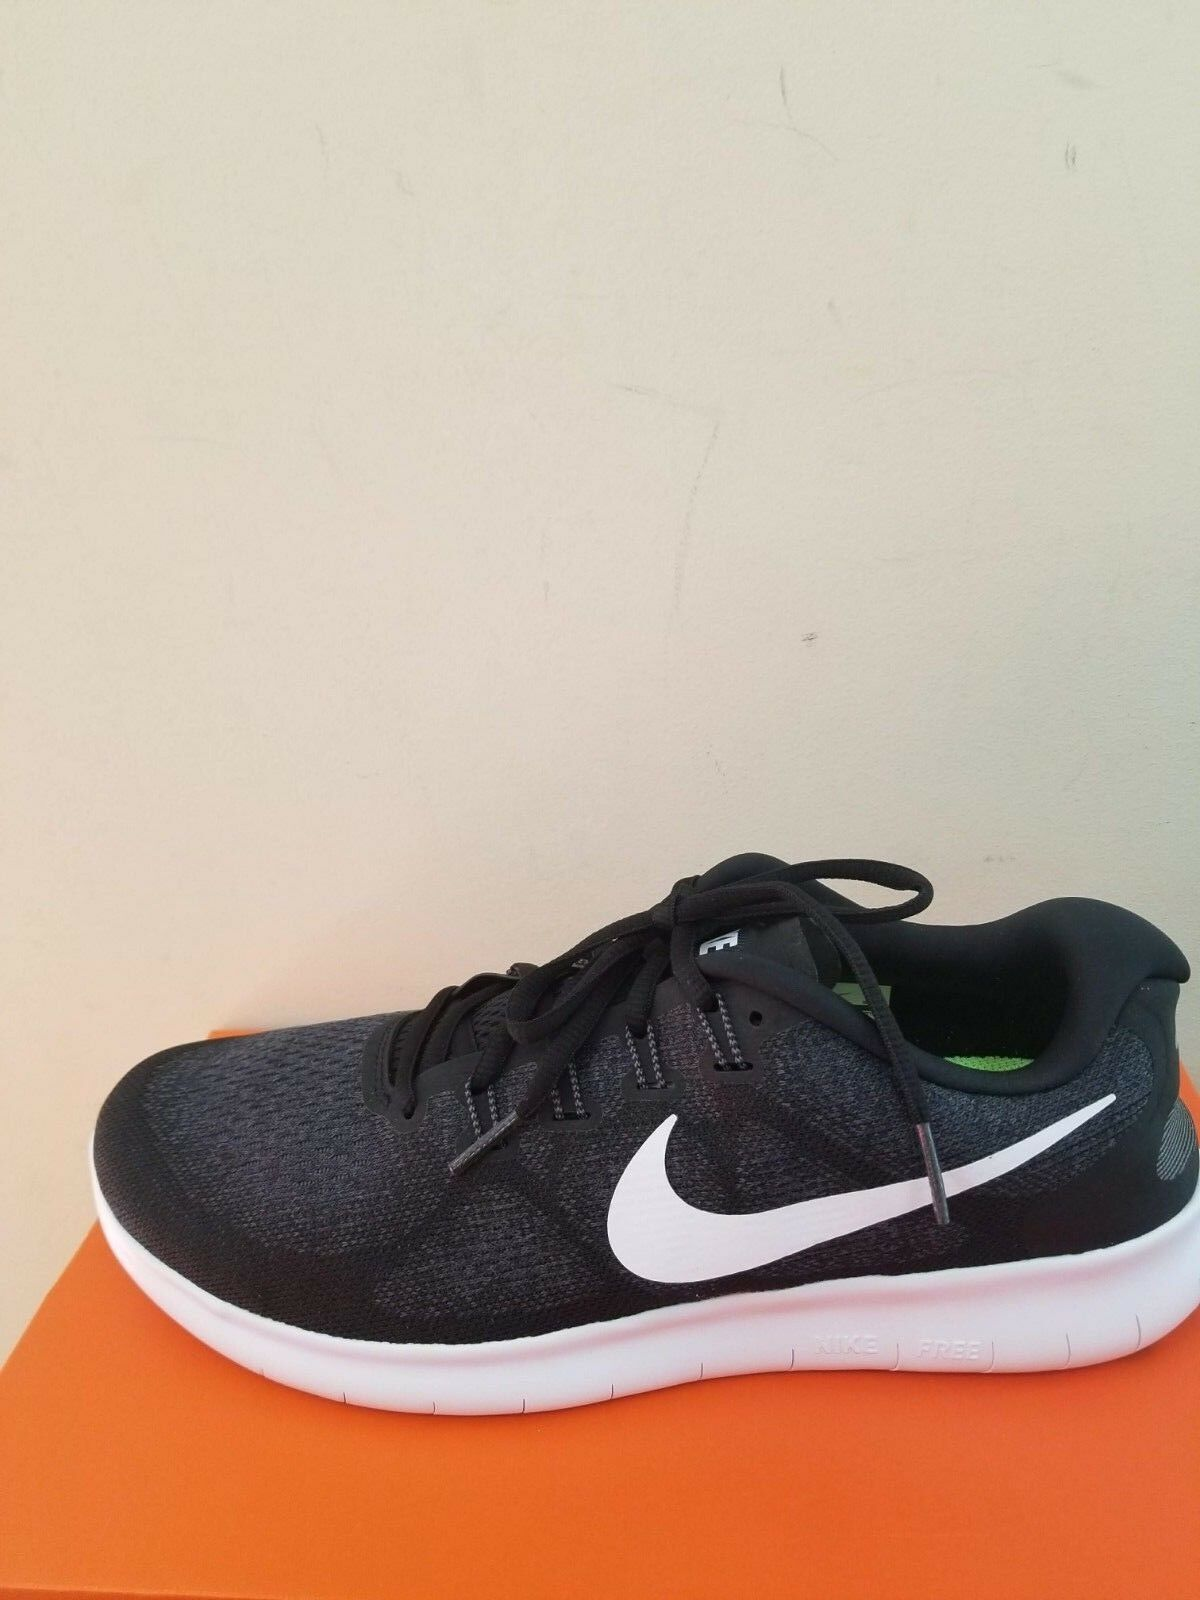 Nike Para hombres Free RN 2017 Calzado para Correr Talla 13 Nuevo En Caja